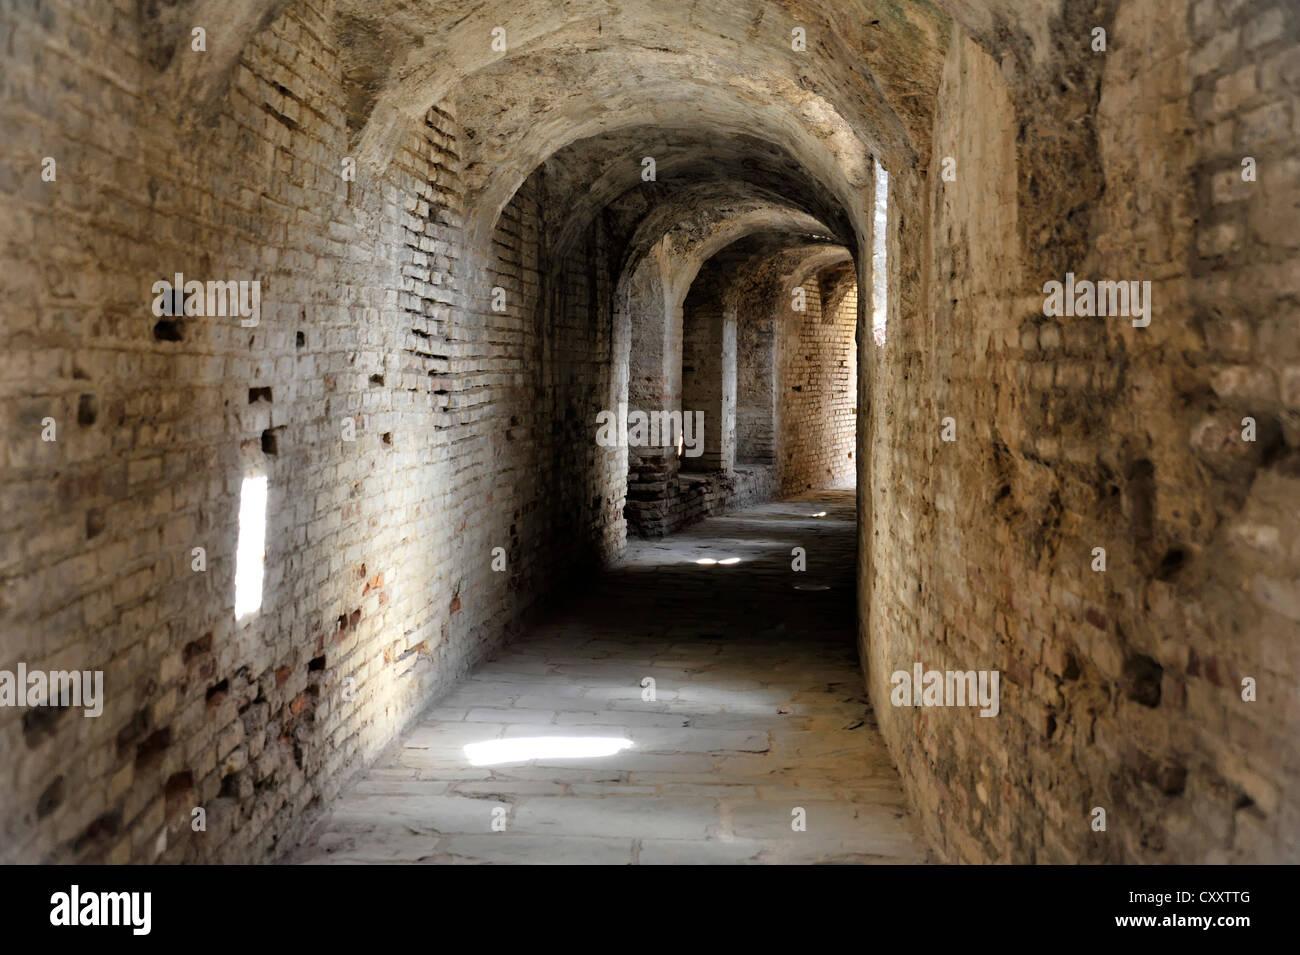 Seite Korridore, Amphitheater, römische Ruinen von Itálica, Santiponce, Sevilla Provinz, Andalusien, Spanien, Stockbild